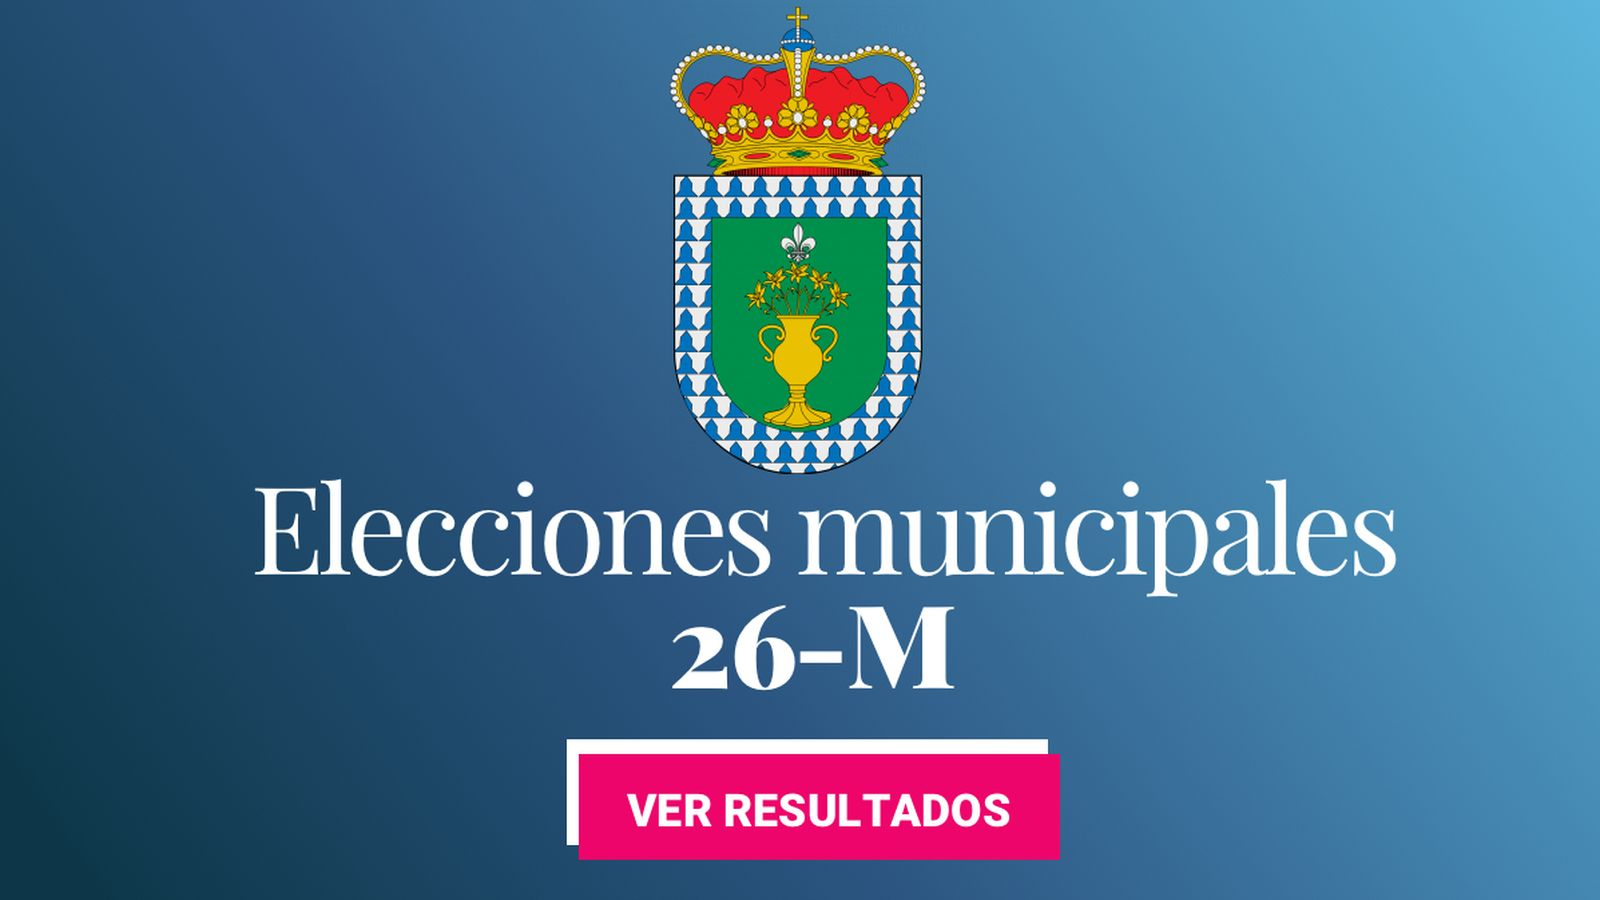 Foto: Elecciones municipales 2019 en Siero. (C.C./EC)